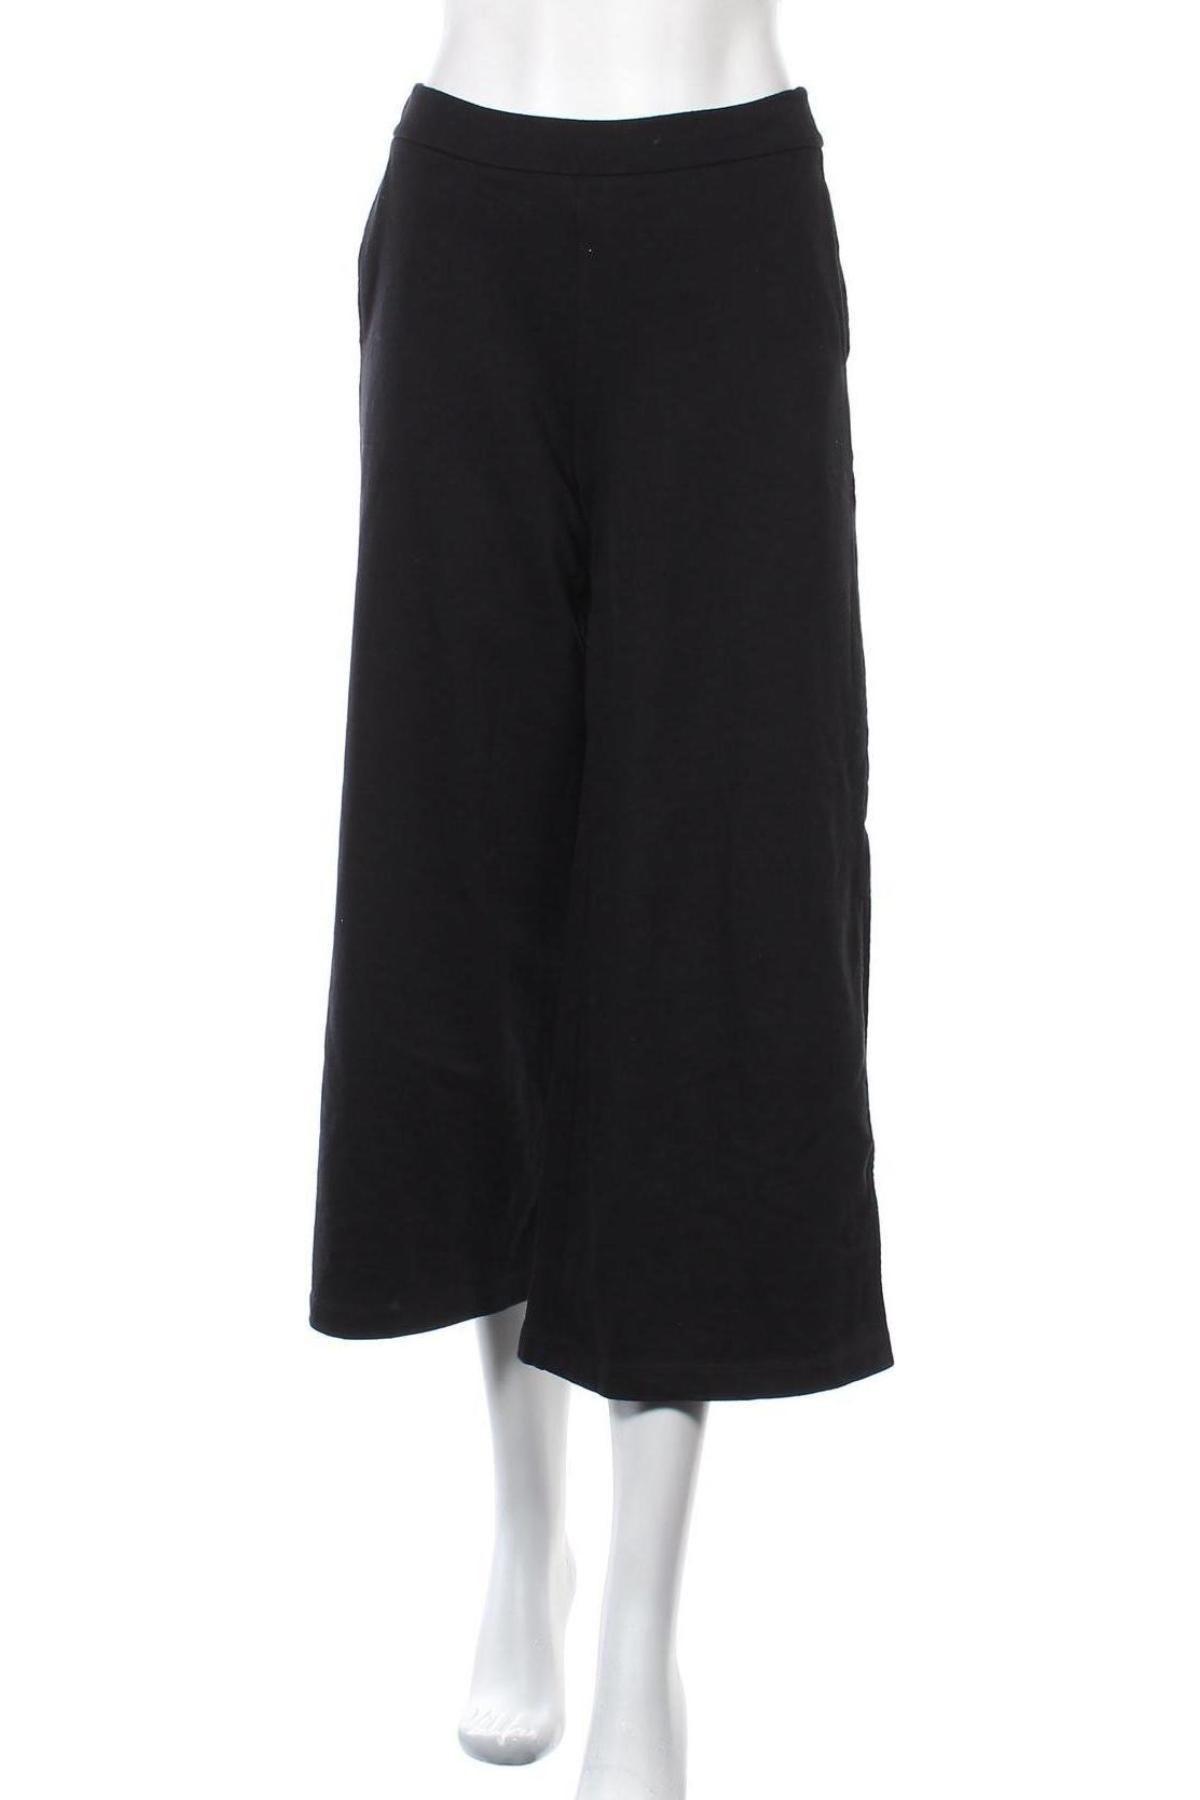 Γυναικείο αθλητικό παντελόνι Armani Exchange, Μέγεθος S, Χρώμα Μαύρο, Βαμβάκι, Τιμή 28,59€